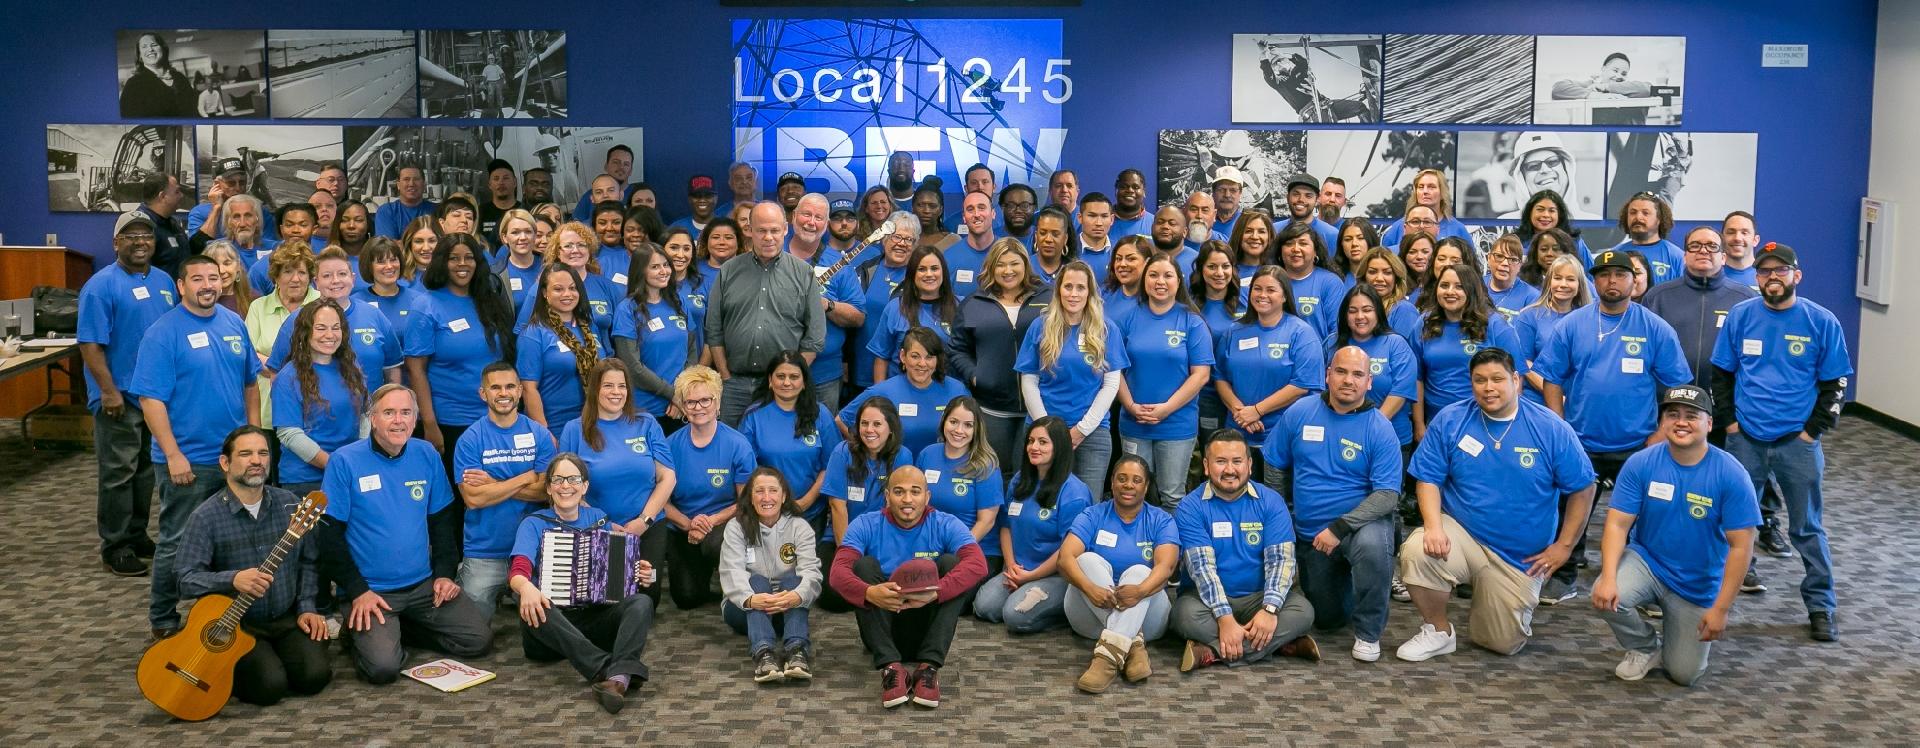 IBEW Local 1245 Organizing Stewards